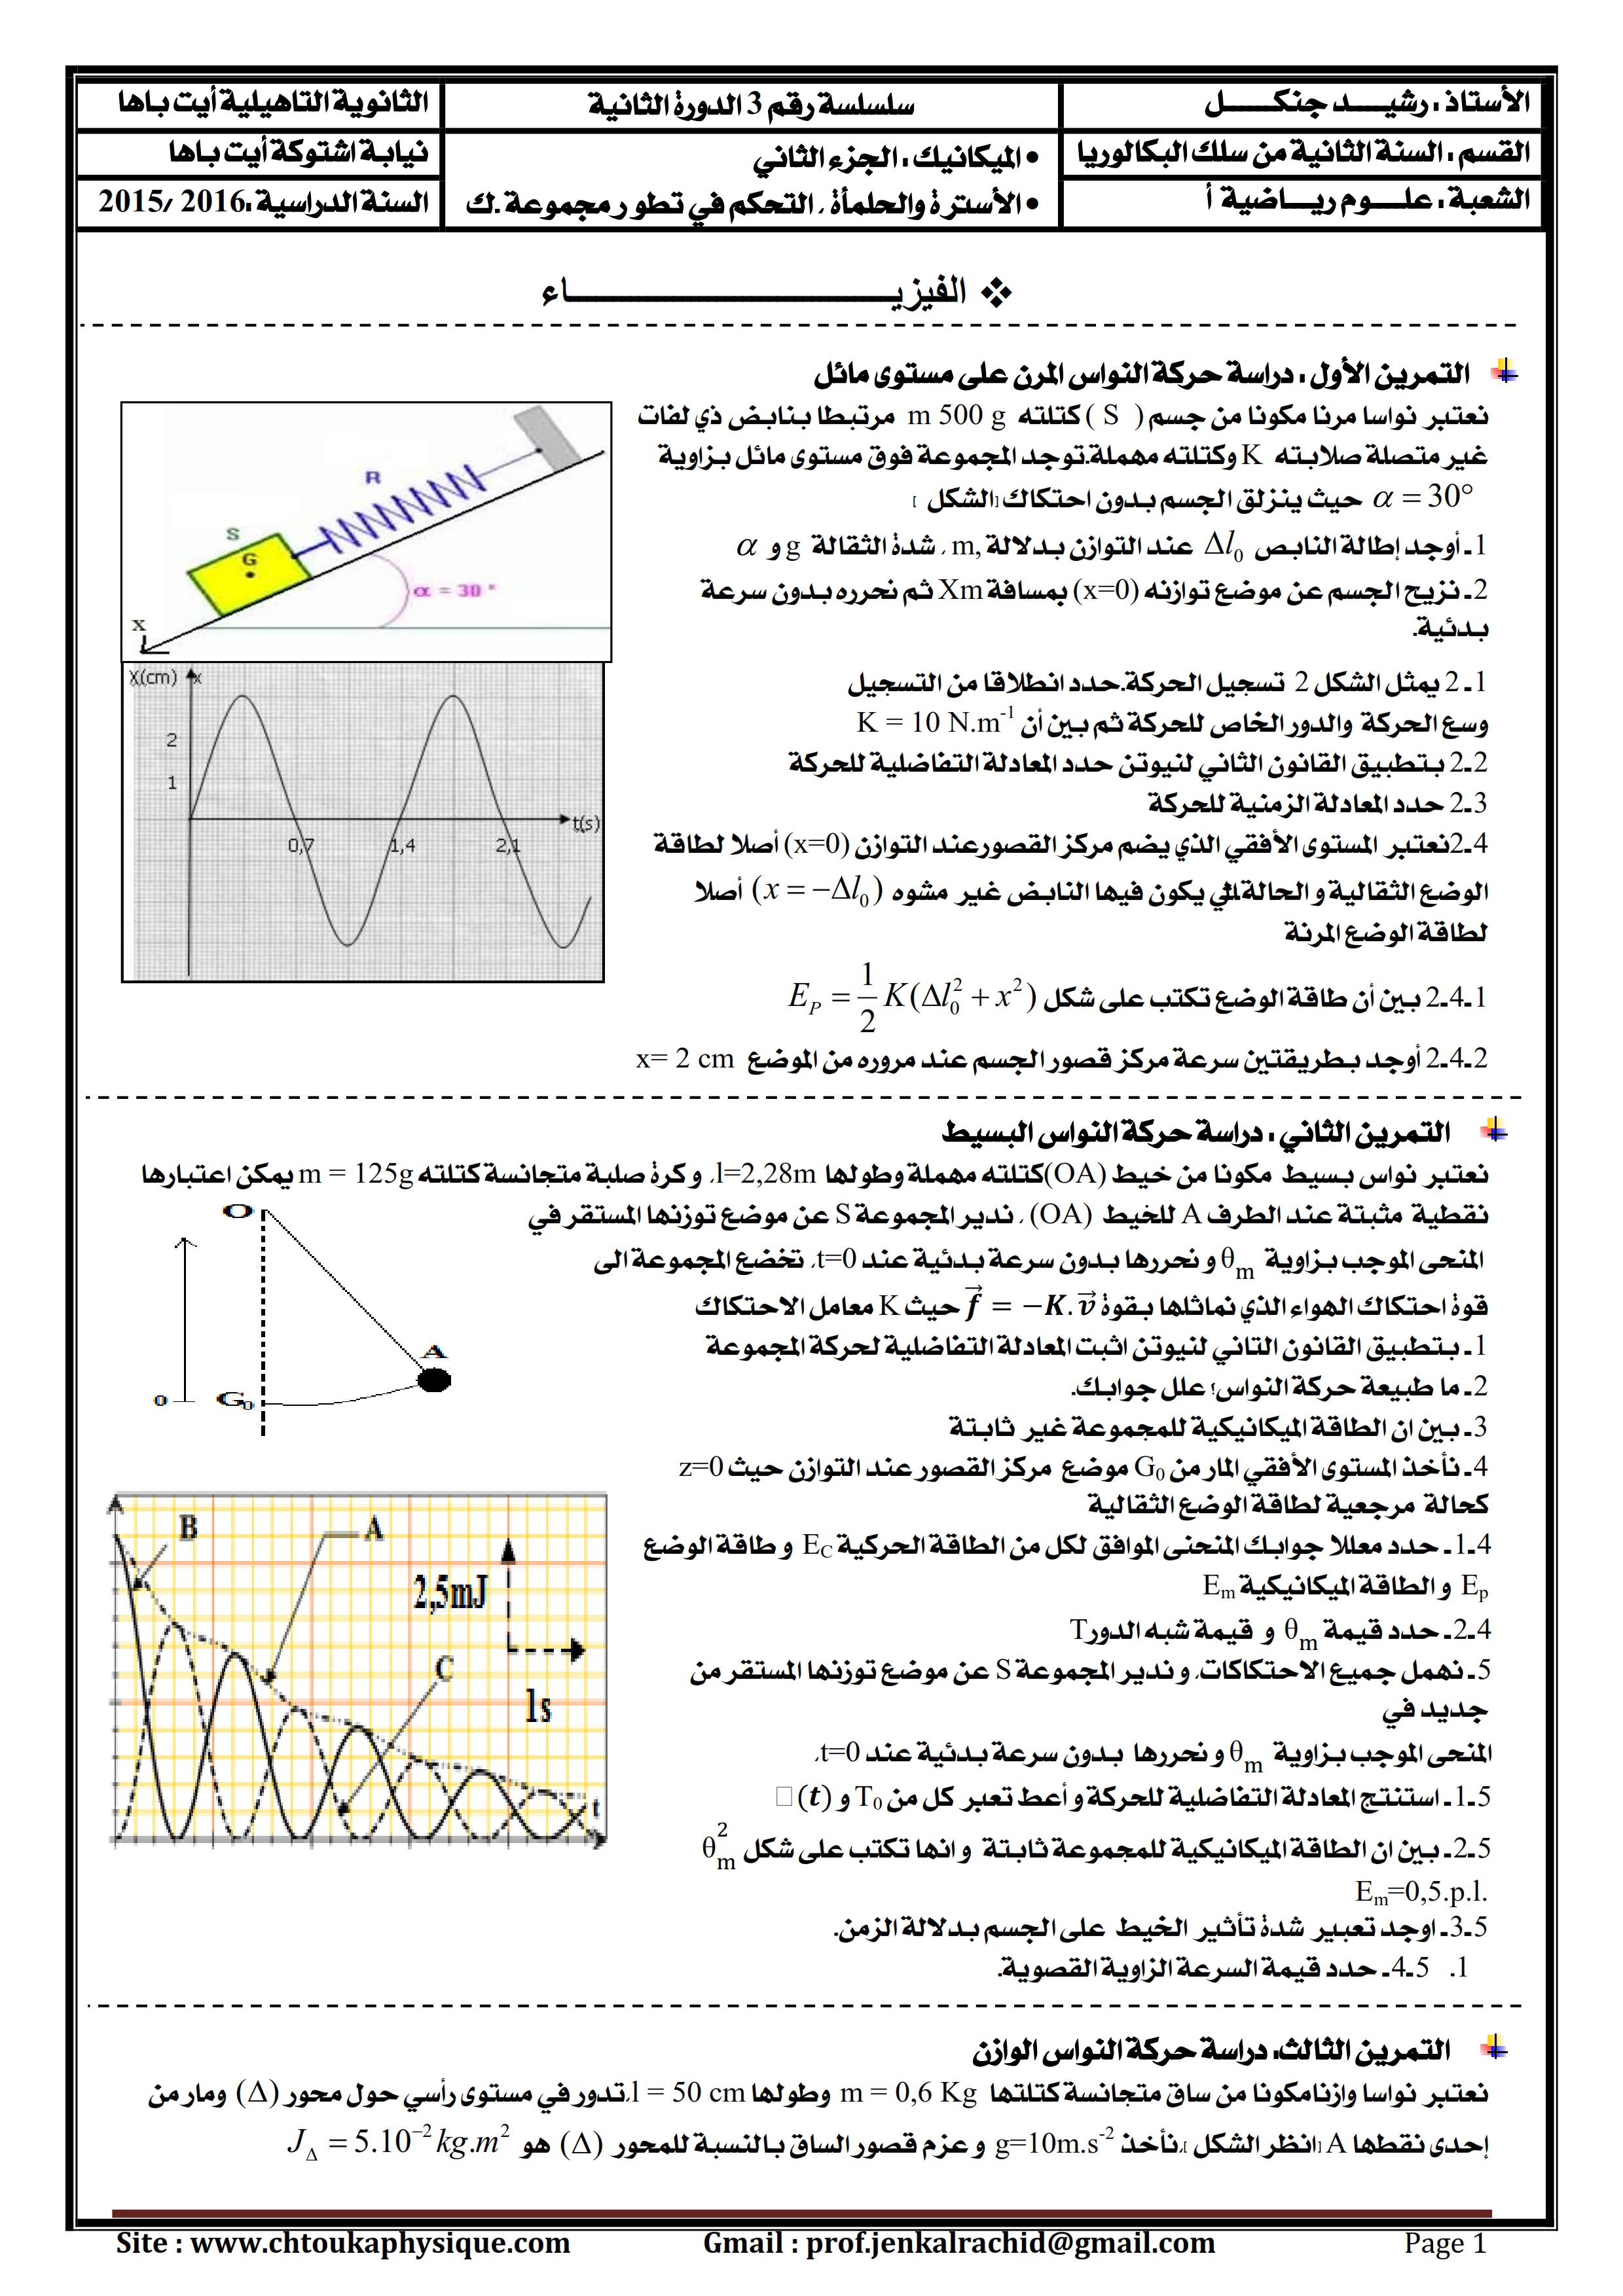 سلسلة شاملة  رقم 3 الدورة 2  السنة الثانية  بكالوريا علوم رياضية أ  ، علوم فيزيائية ، الجزء الثاني من الميكيانيك مع خلاصة مركزة